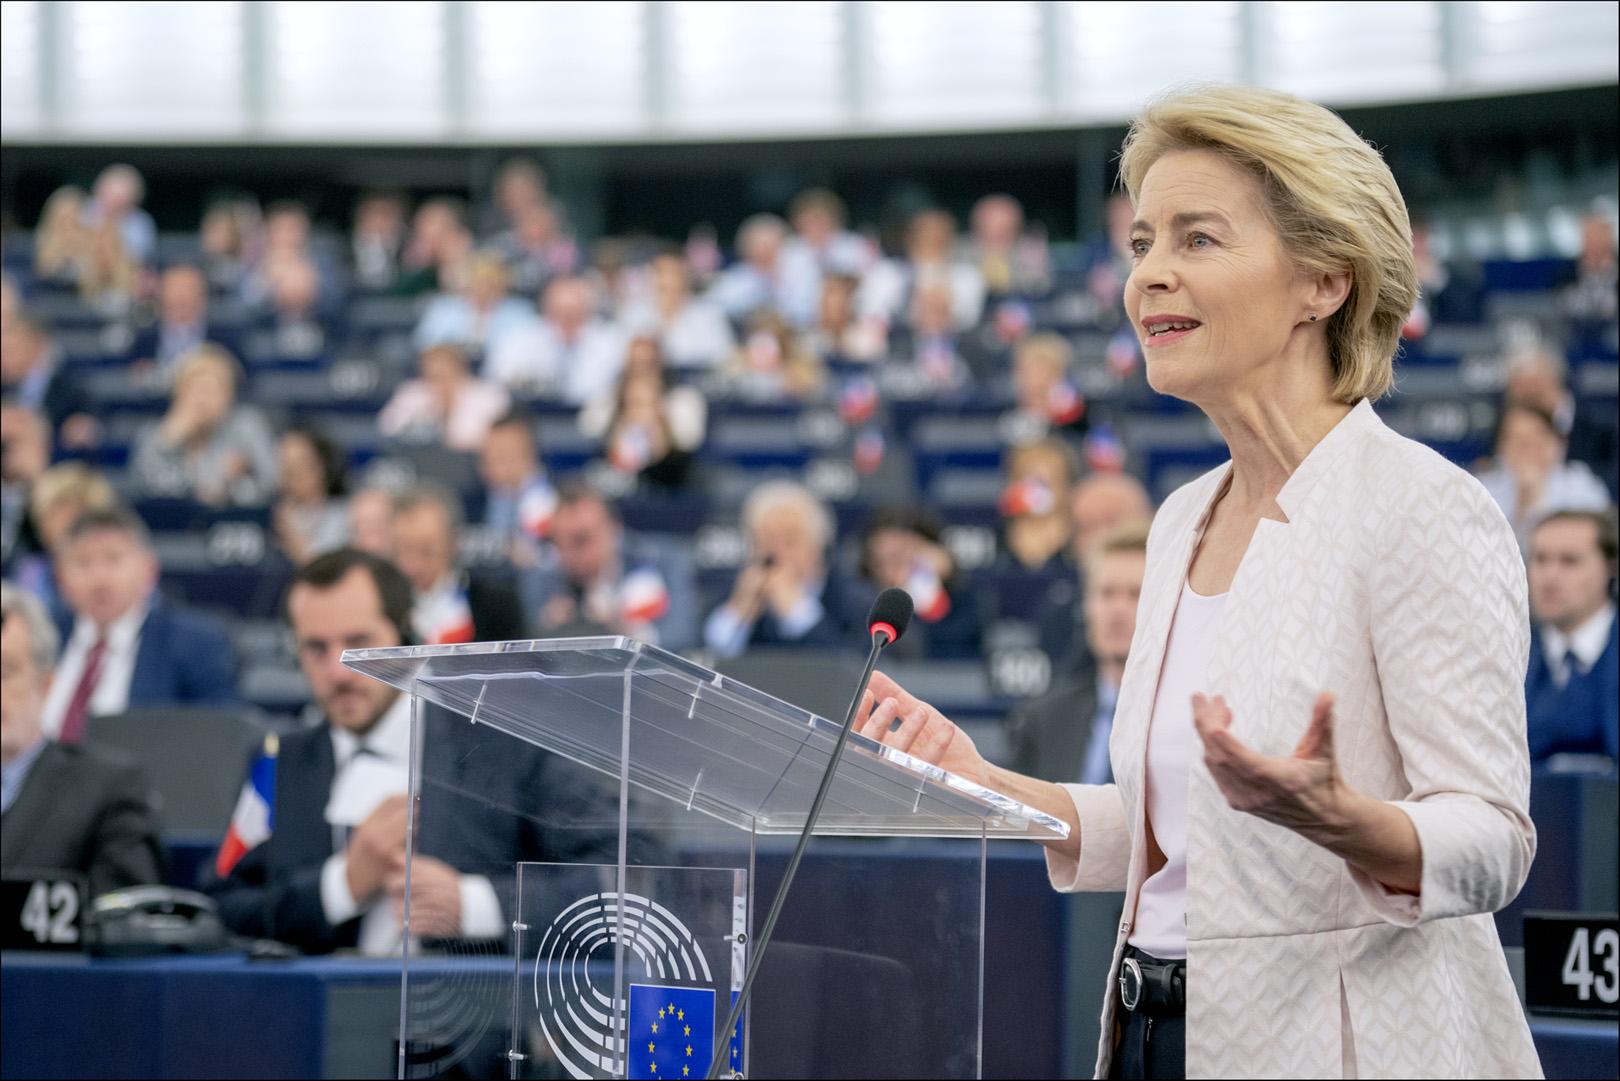 L'Europa è un percorso